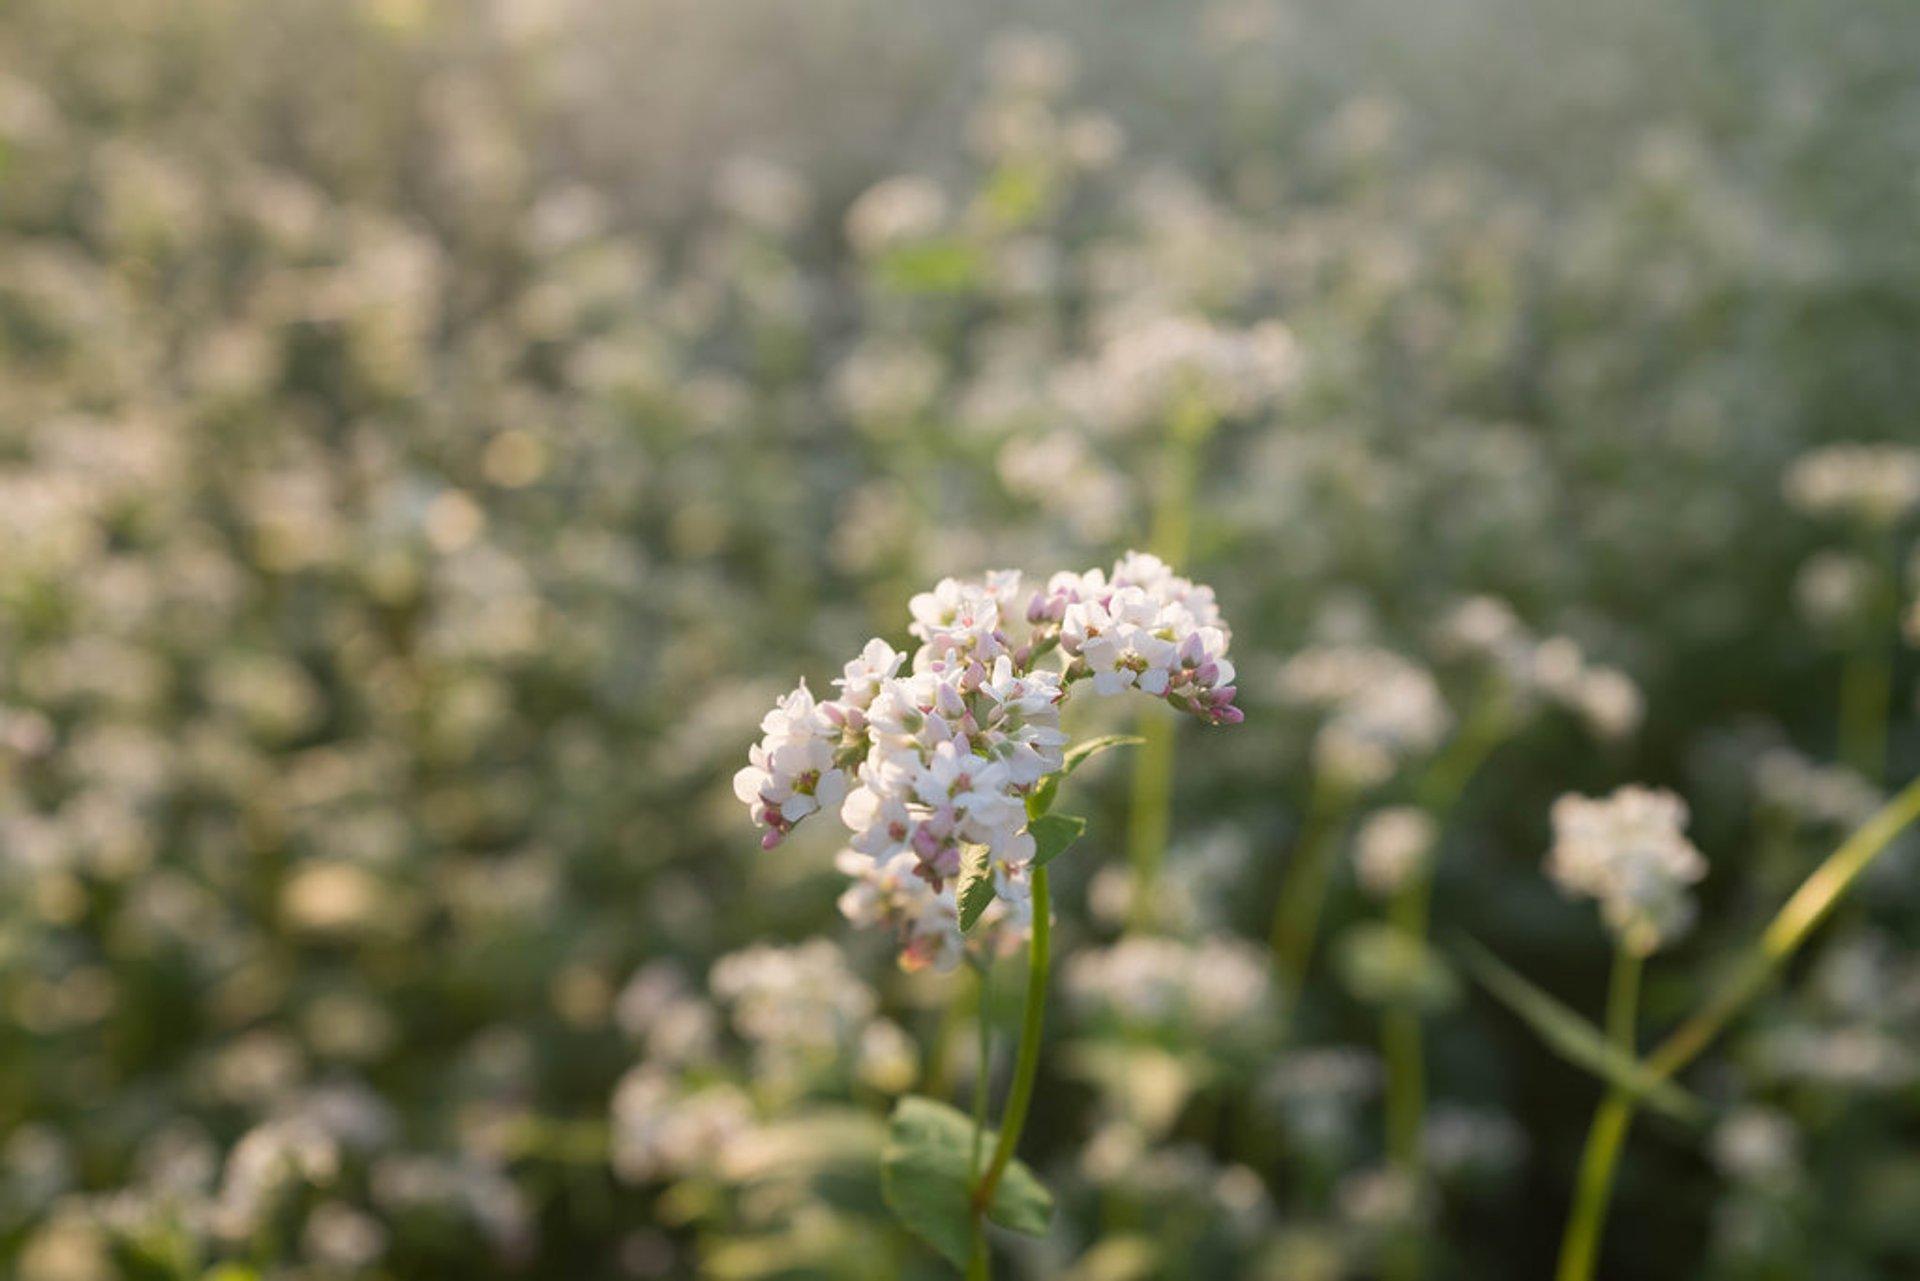 Buckwheat Bloom in South Korea 2020 - Best Time